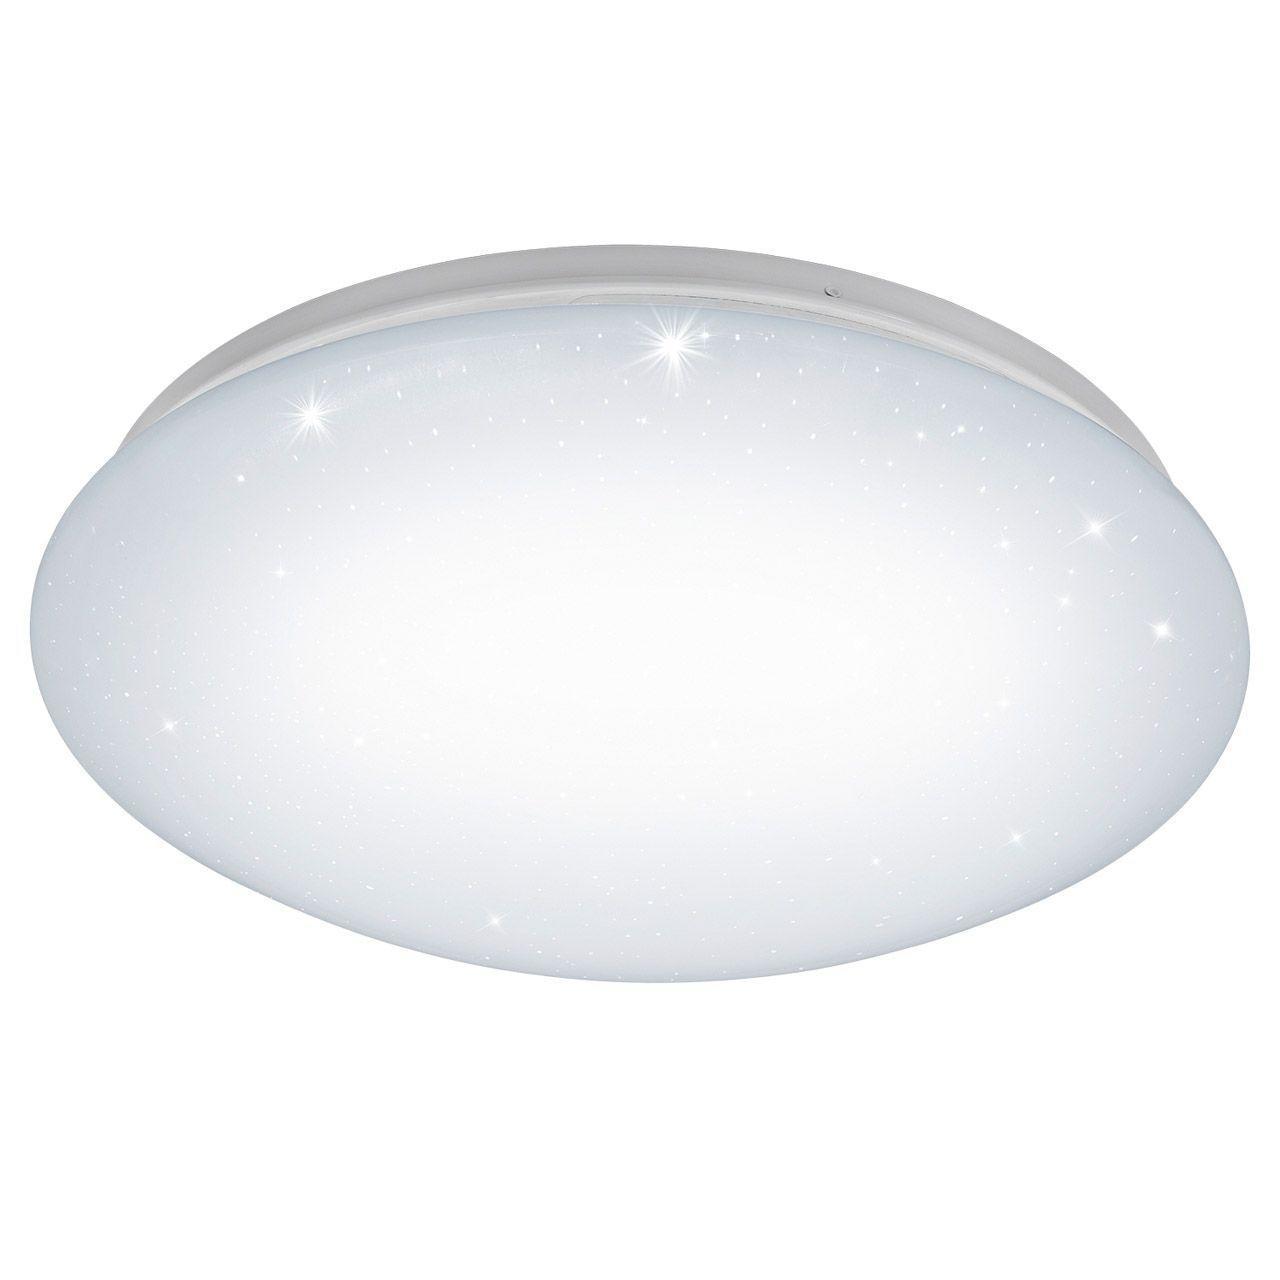 Потолочный светодиодный светильник Eglo Giron S 96027 eglo giron 89255